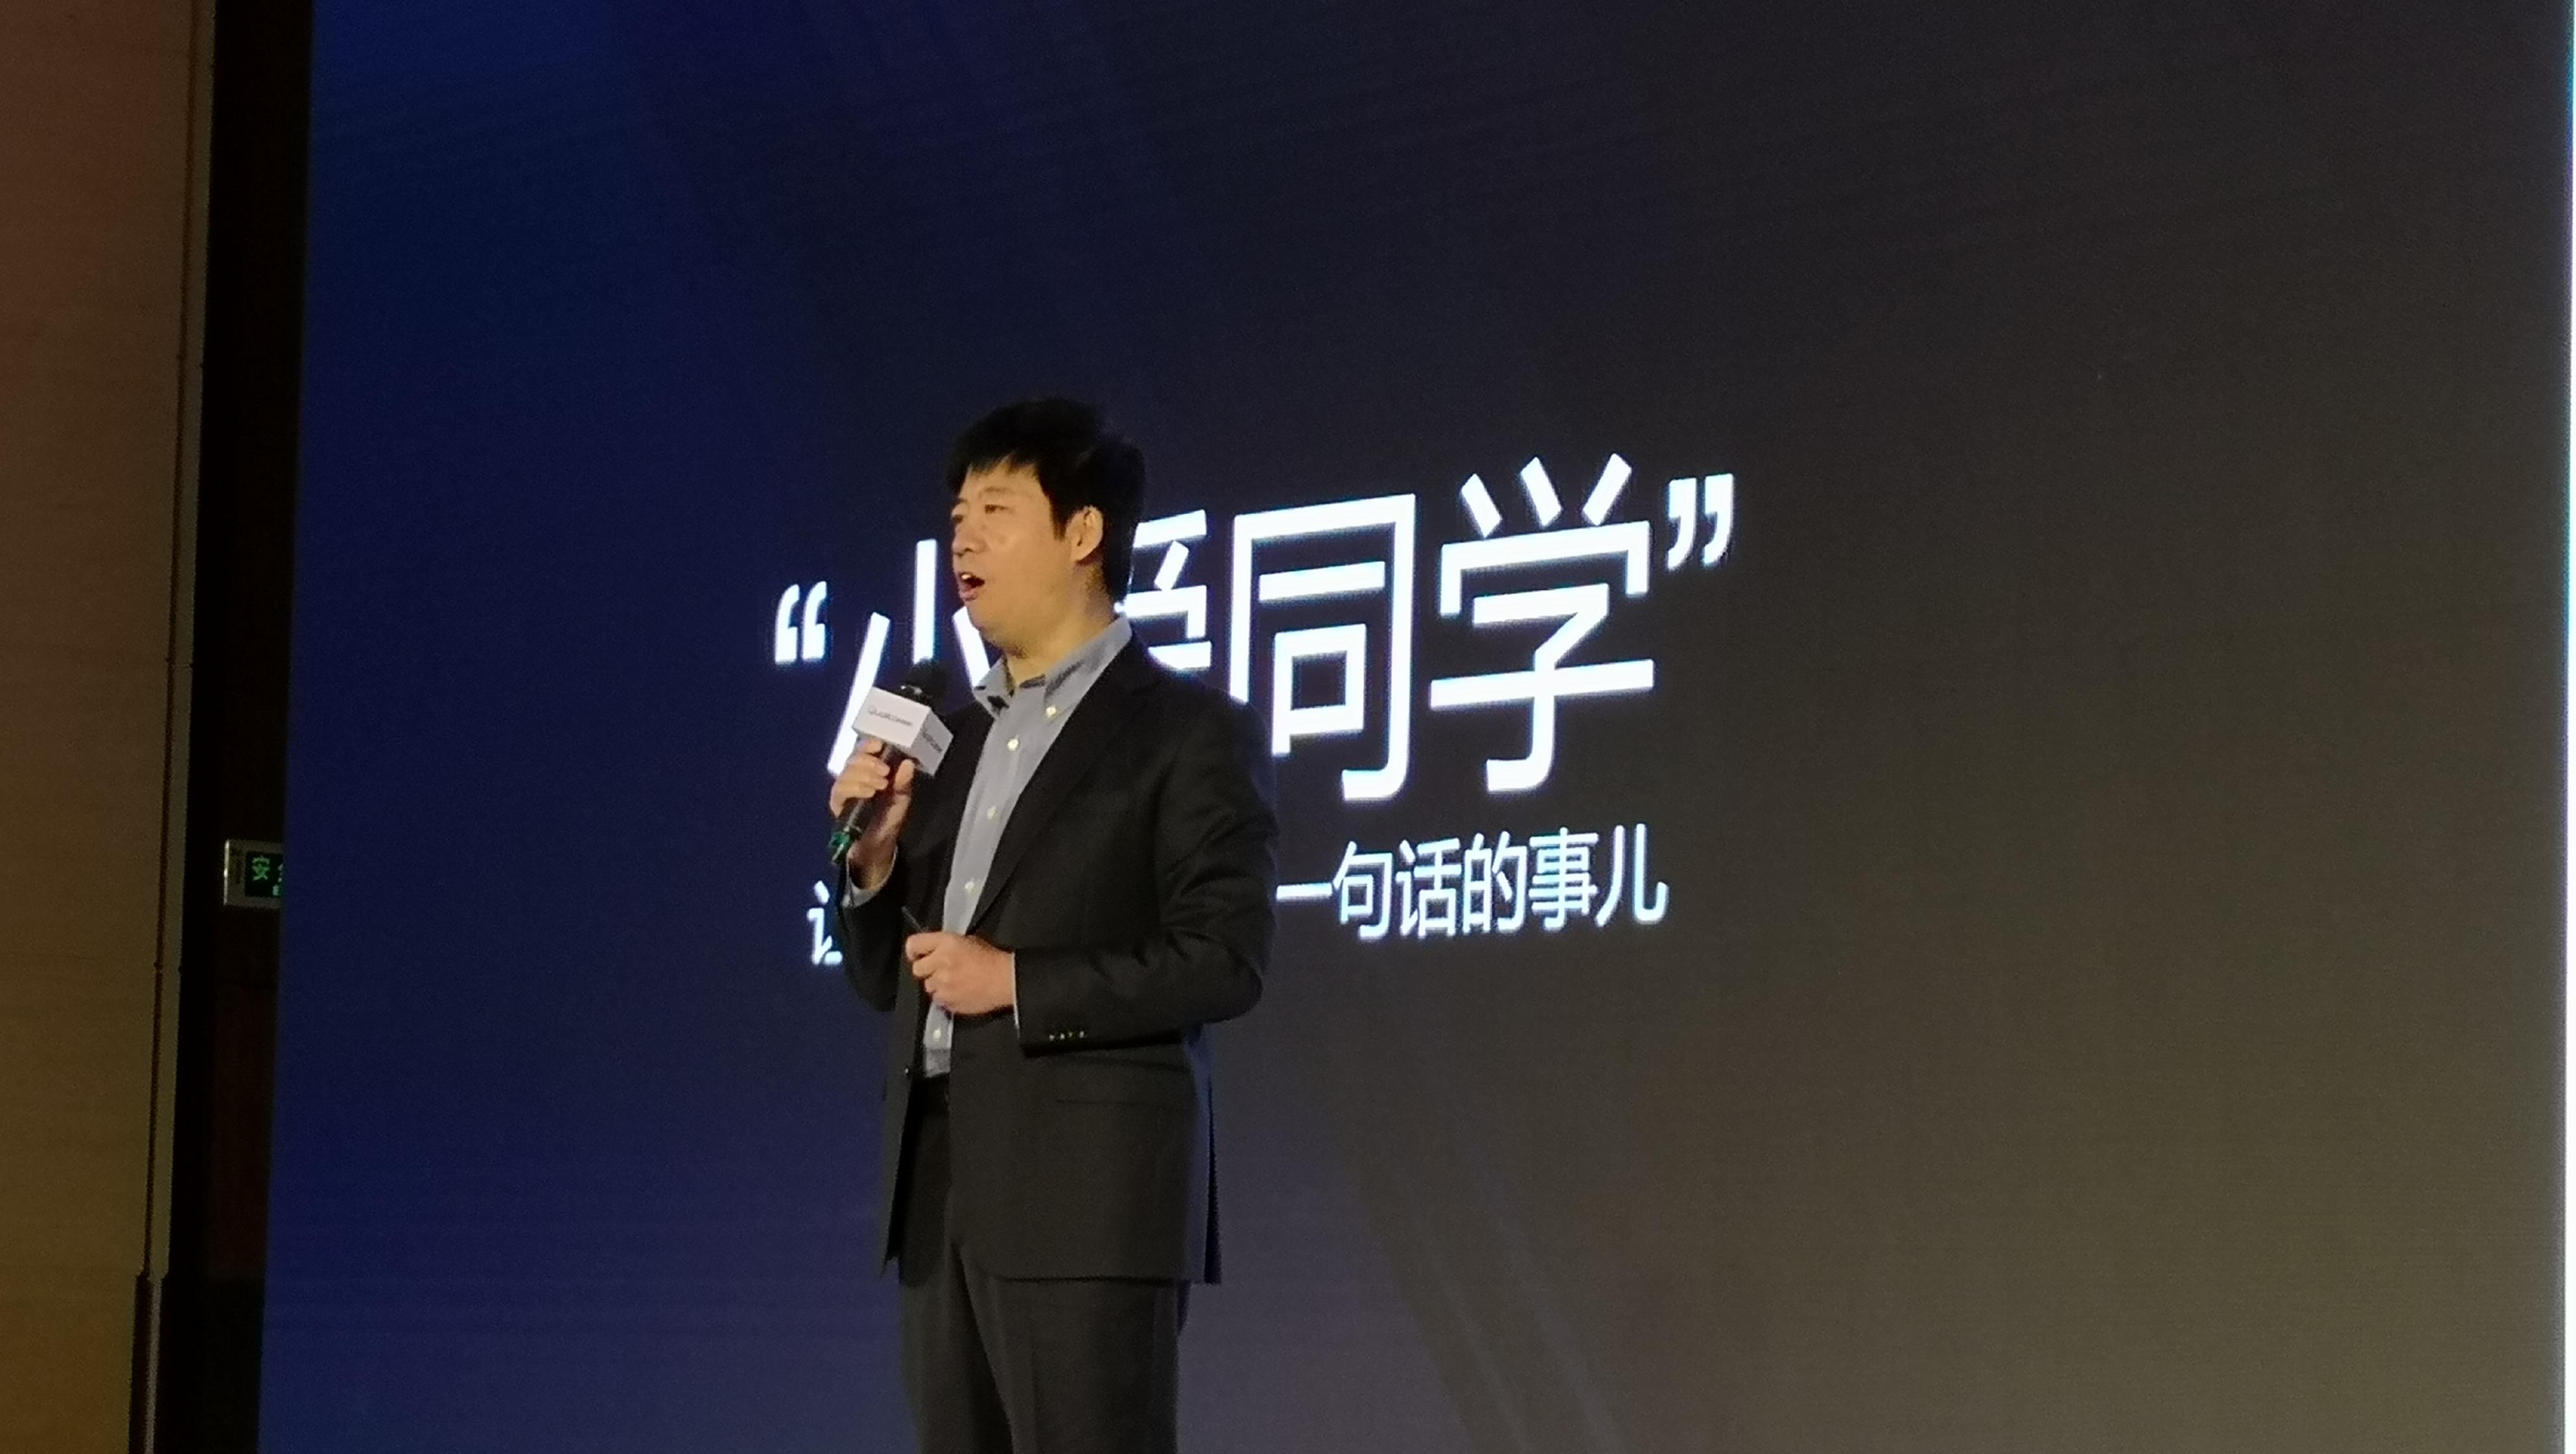 小米人工智能与云平台副总裁崔宝秋也来到大会为高通站台。小米展示其搭载高通芯片的人工智能手机,以及人工智能手机的设计理念。